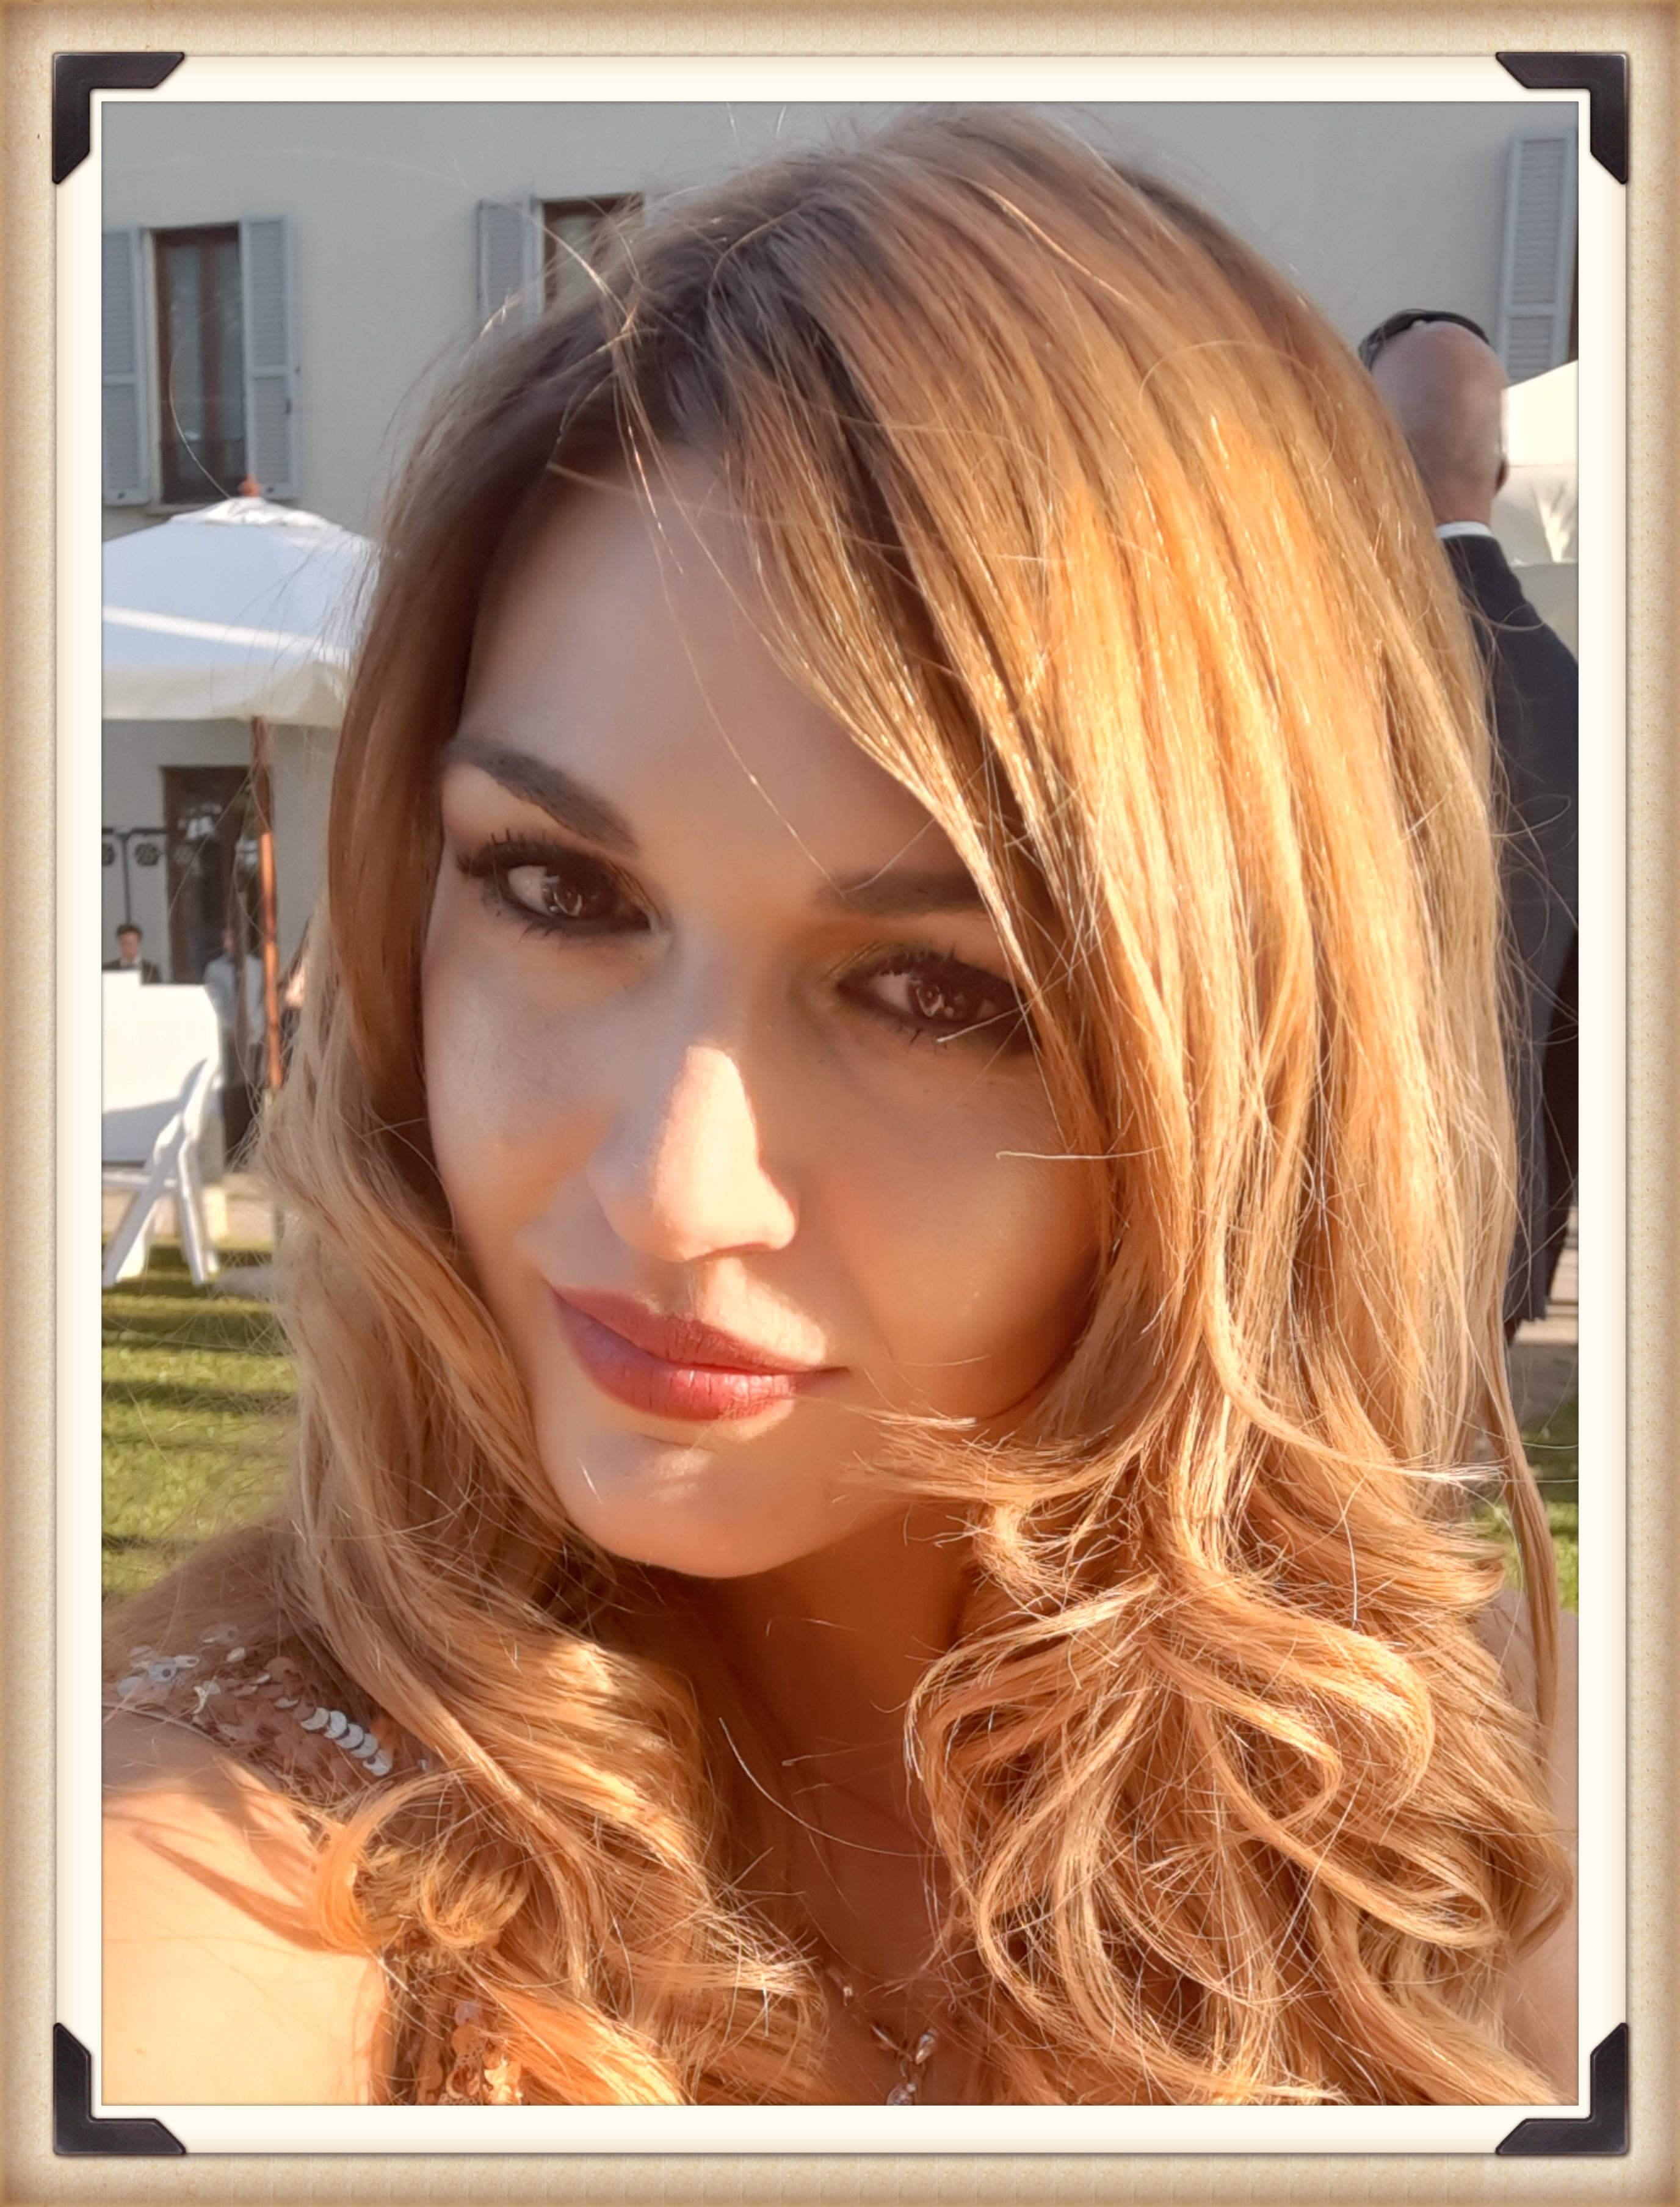 Ciao! Benvenuti nel mio blog